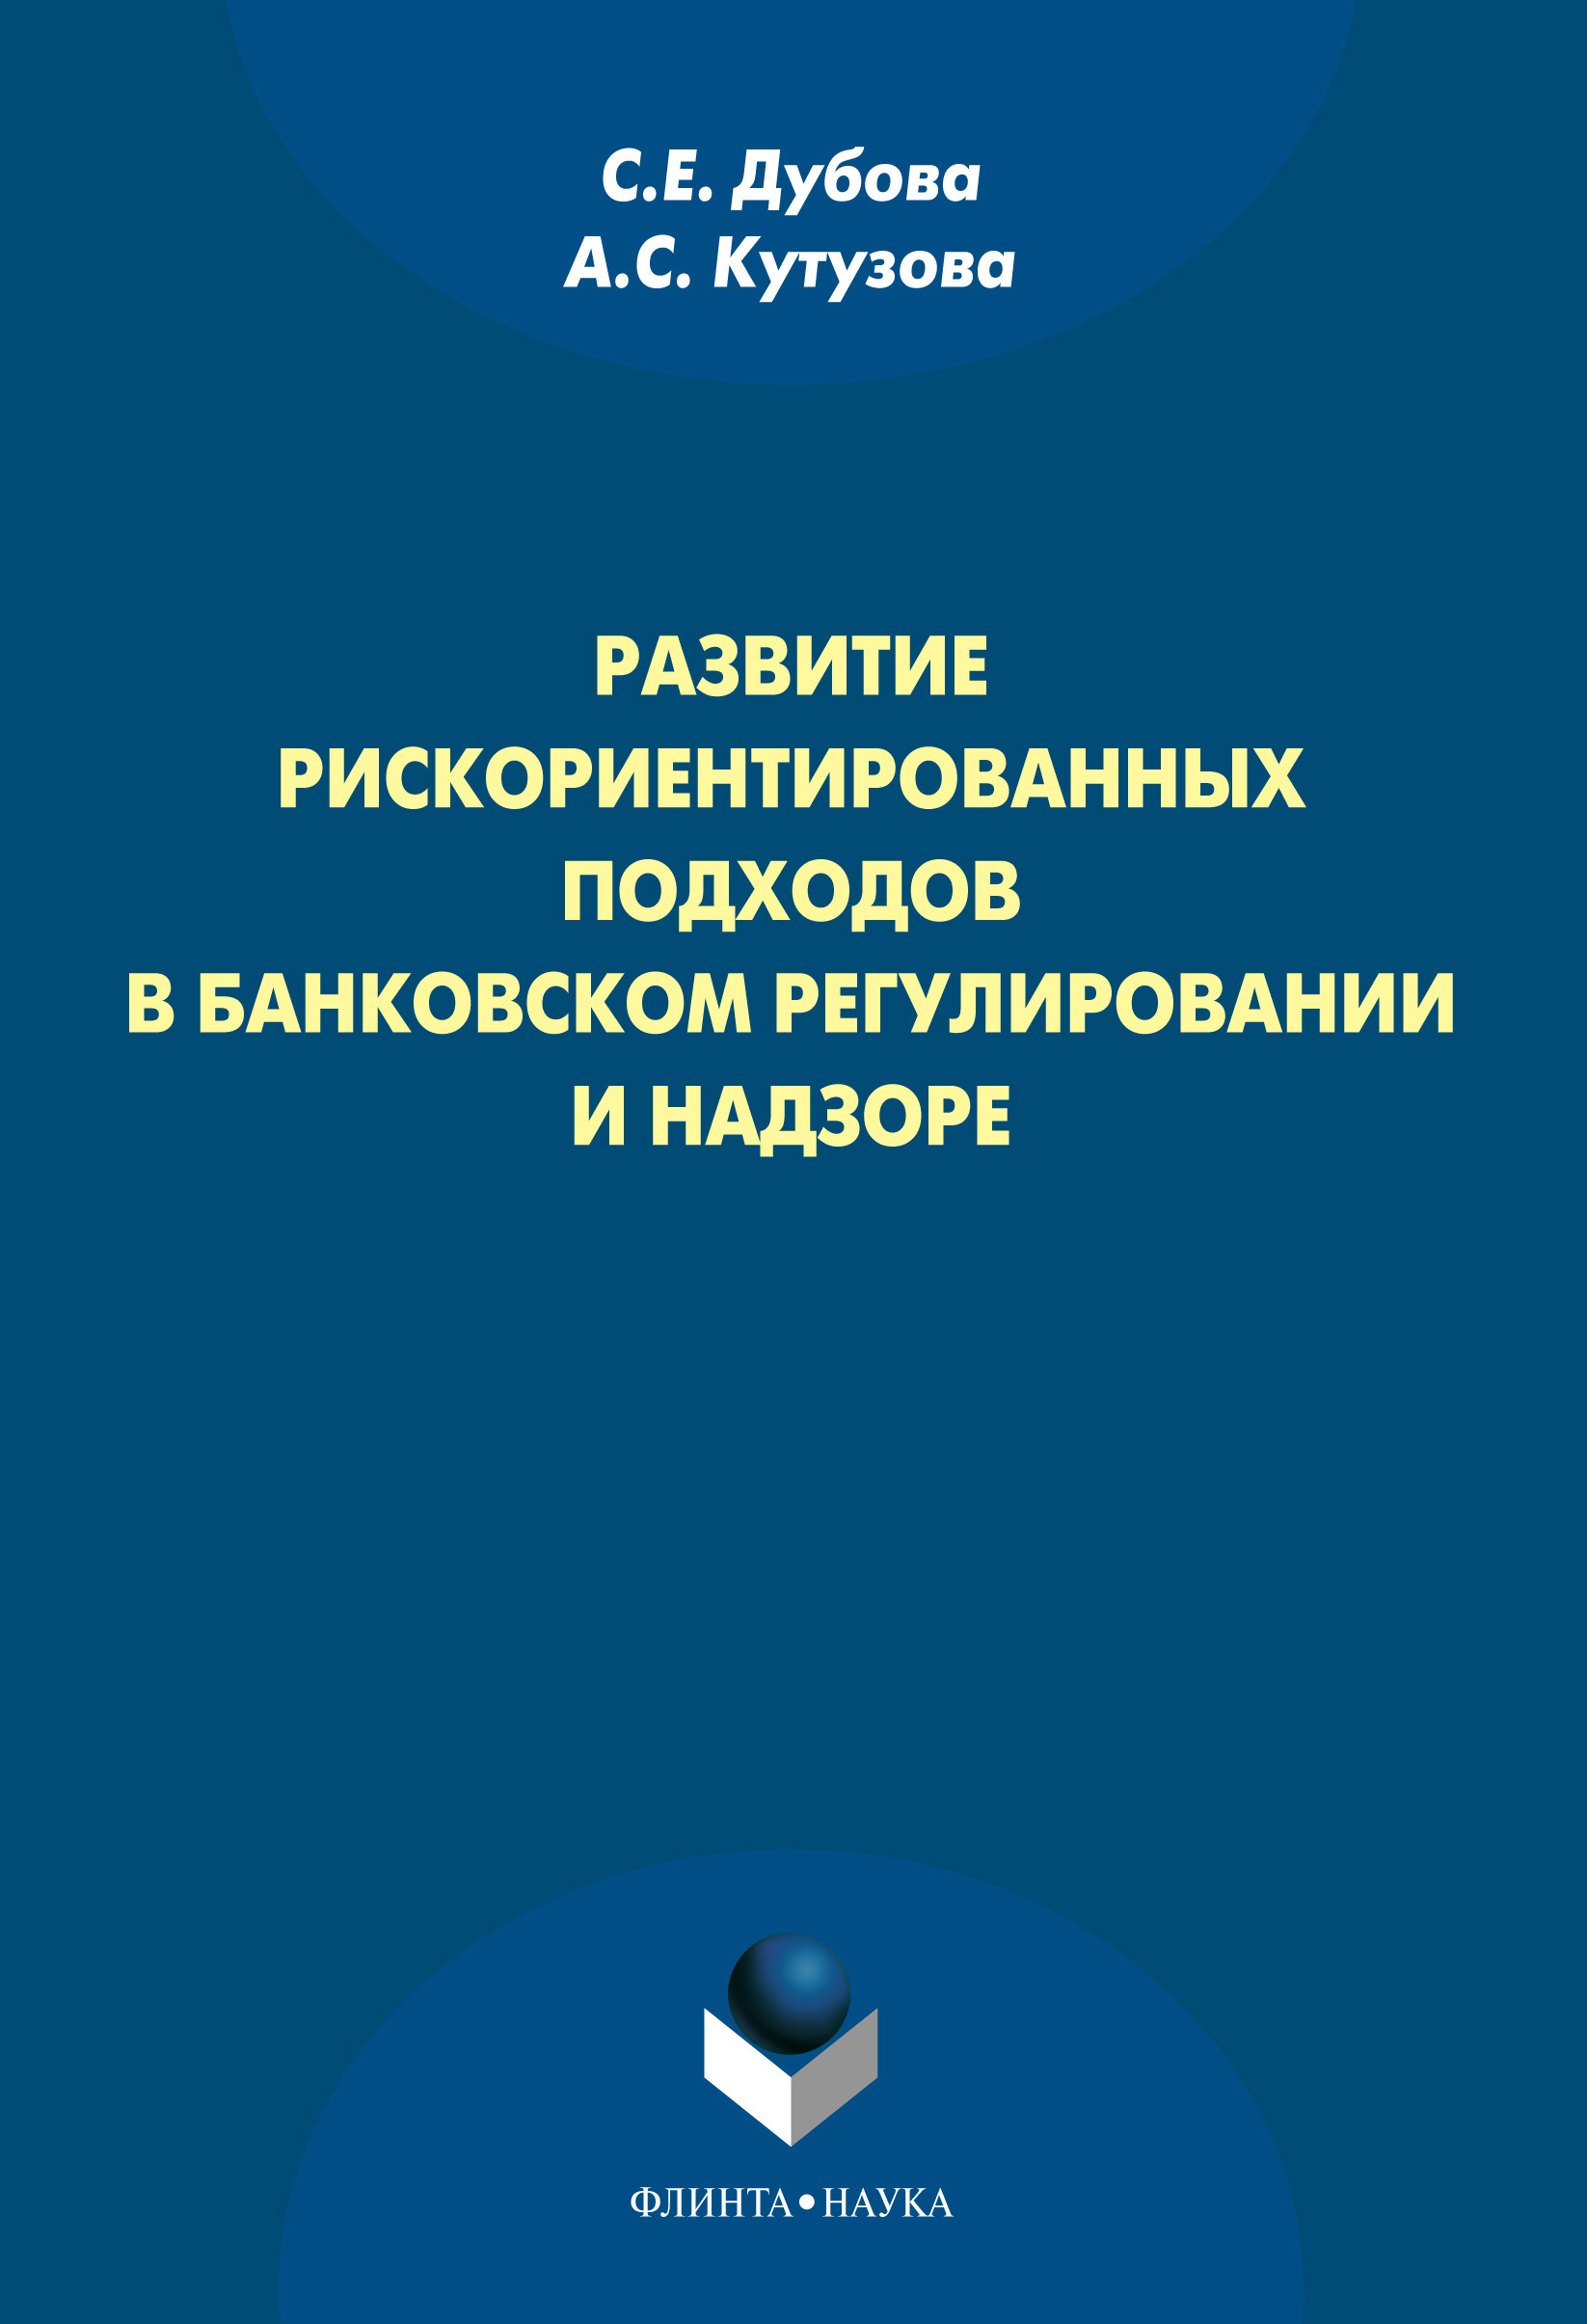 Развитие рискориентированных подходов в банковском регулировании и надзоре ( А. С. Кутузова  )